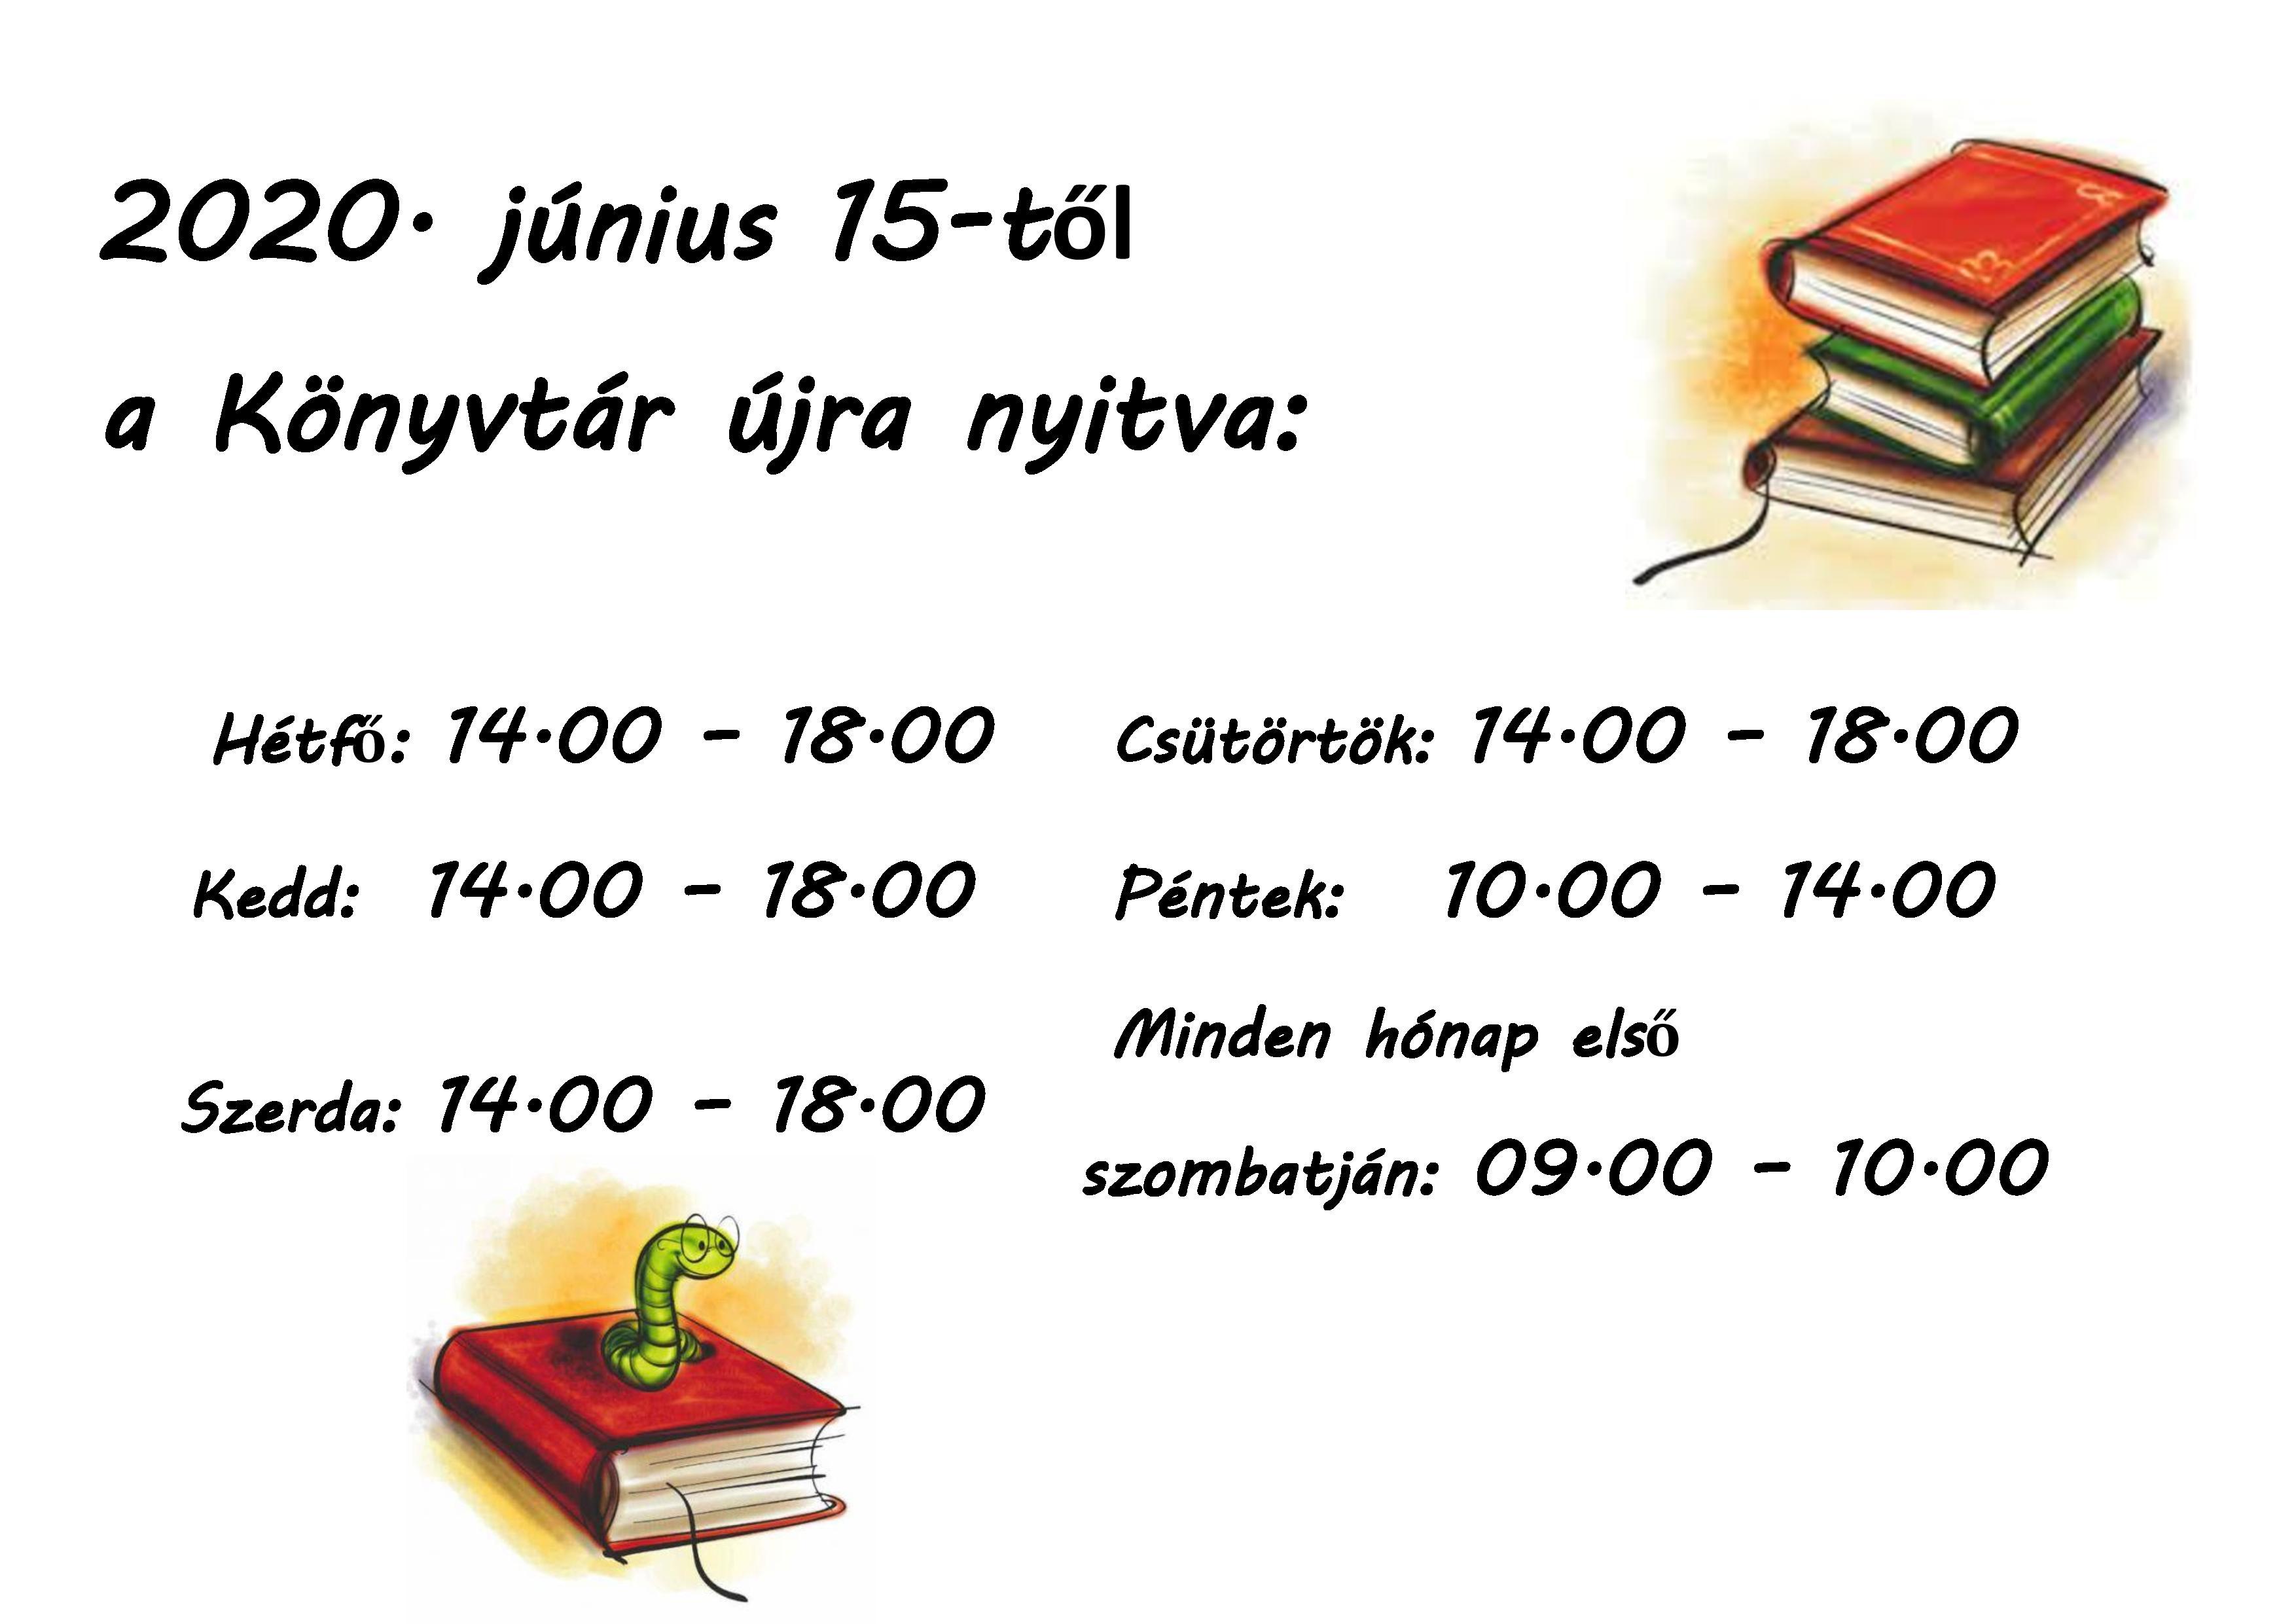 Könyvtár újra nyitva